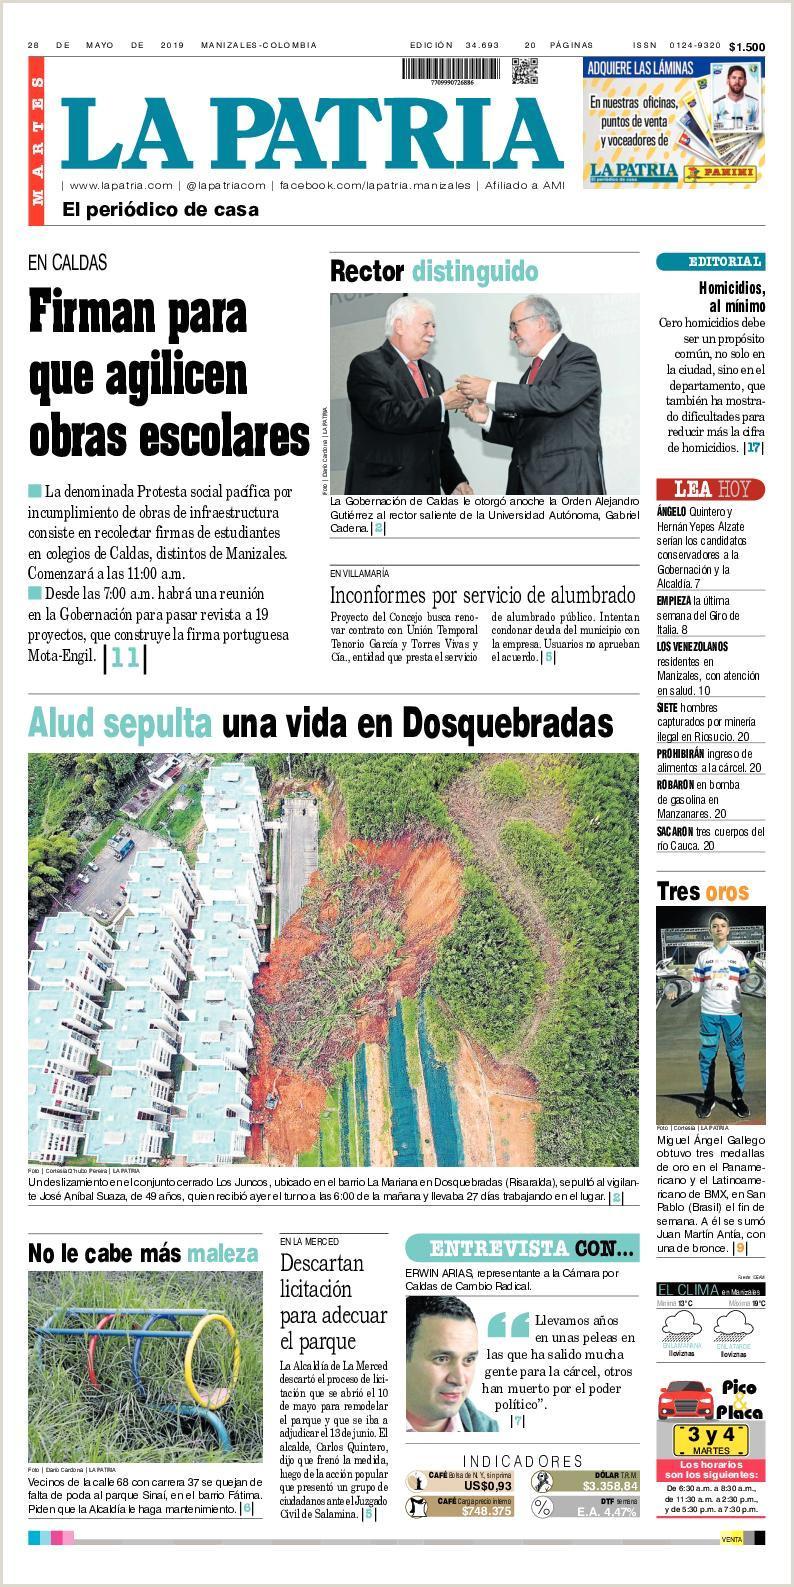 Formato De Hoja De Vida Acnur Calaméo Lapatria 28 05 2019